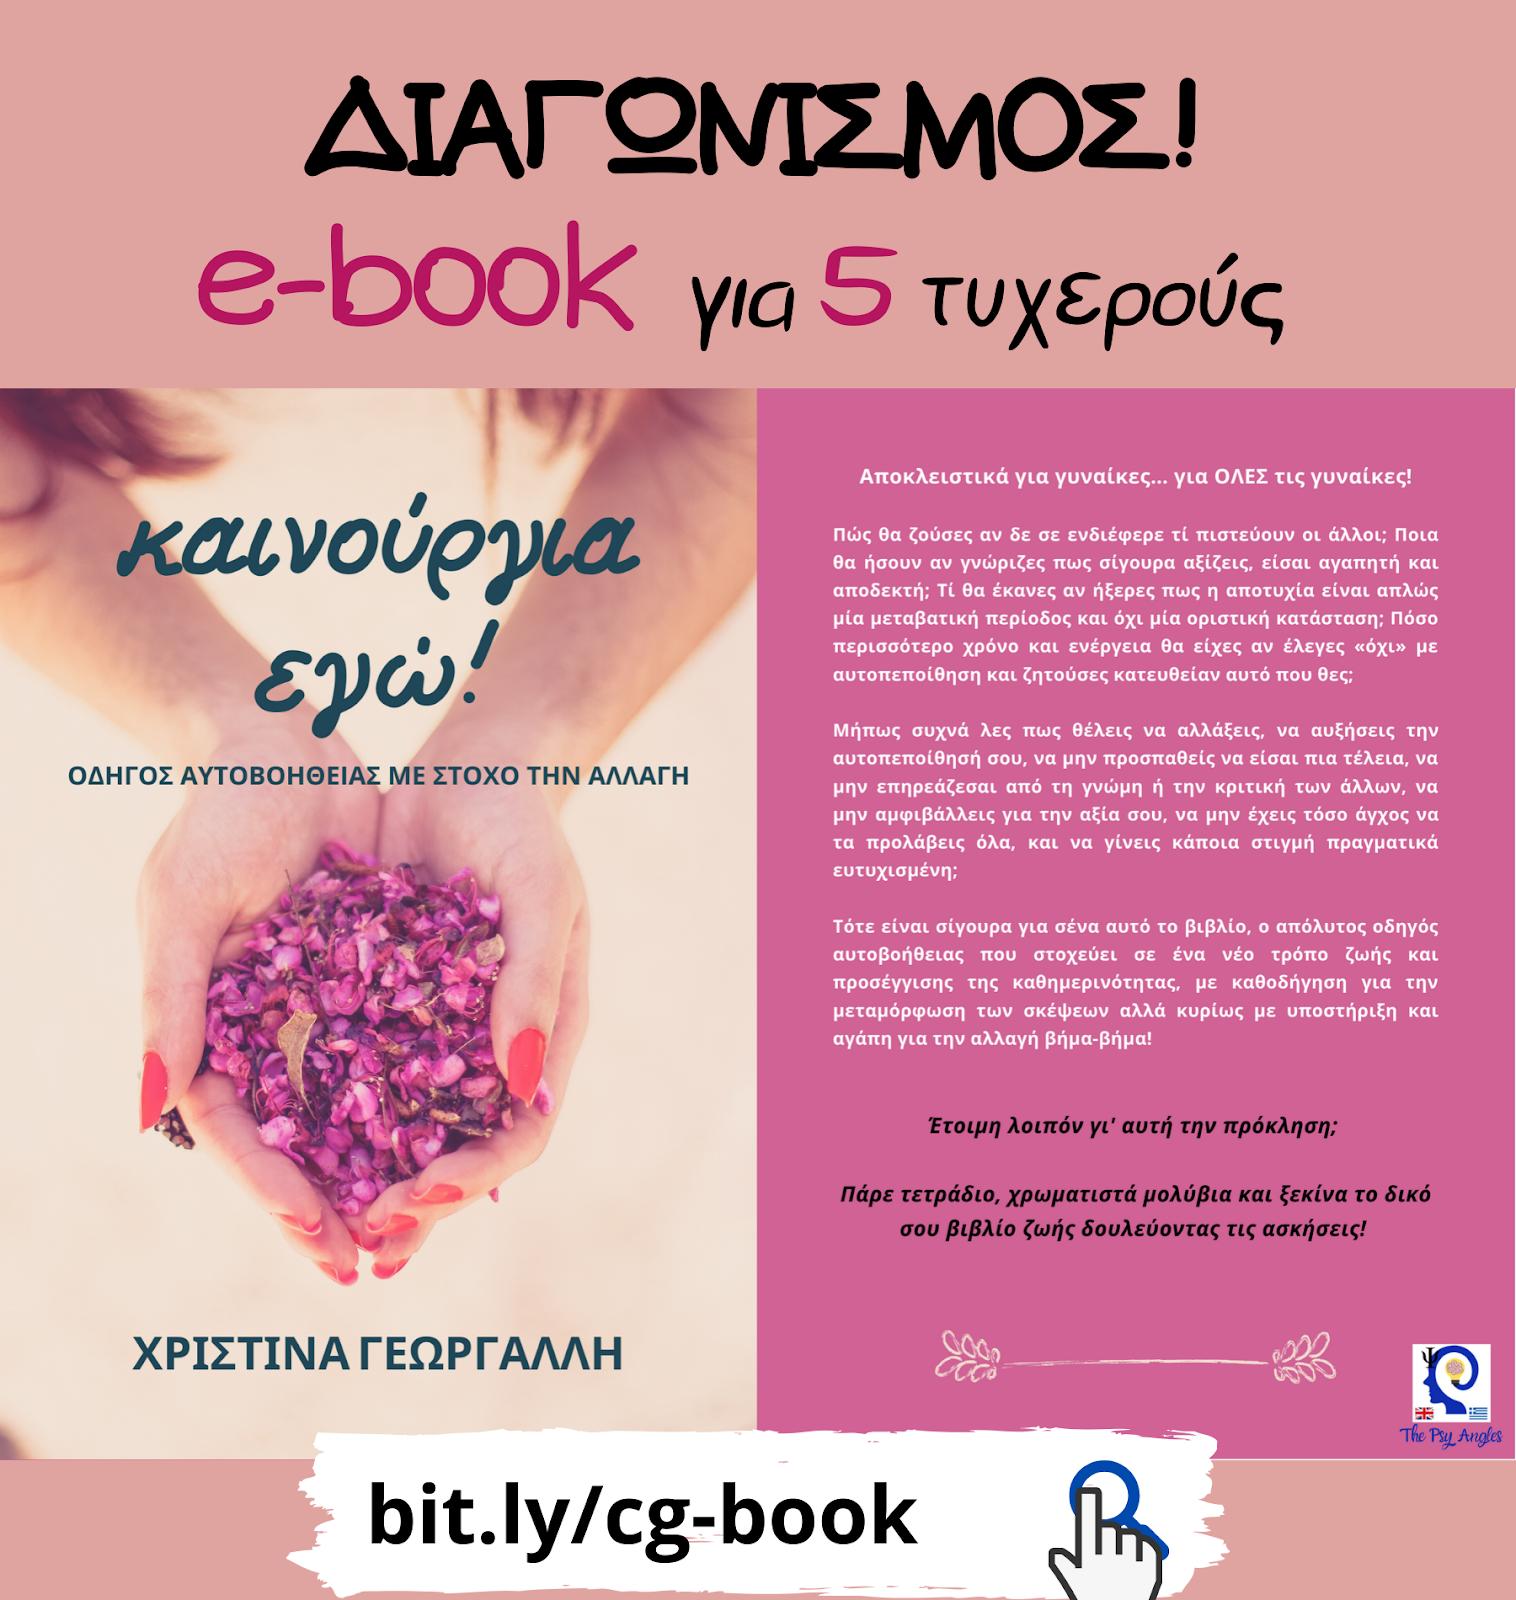 Διαγωνισμός με δώρο e-book για 5 τυχερούς!